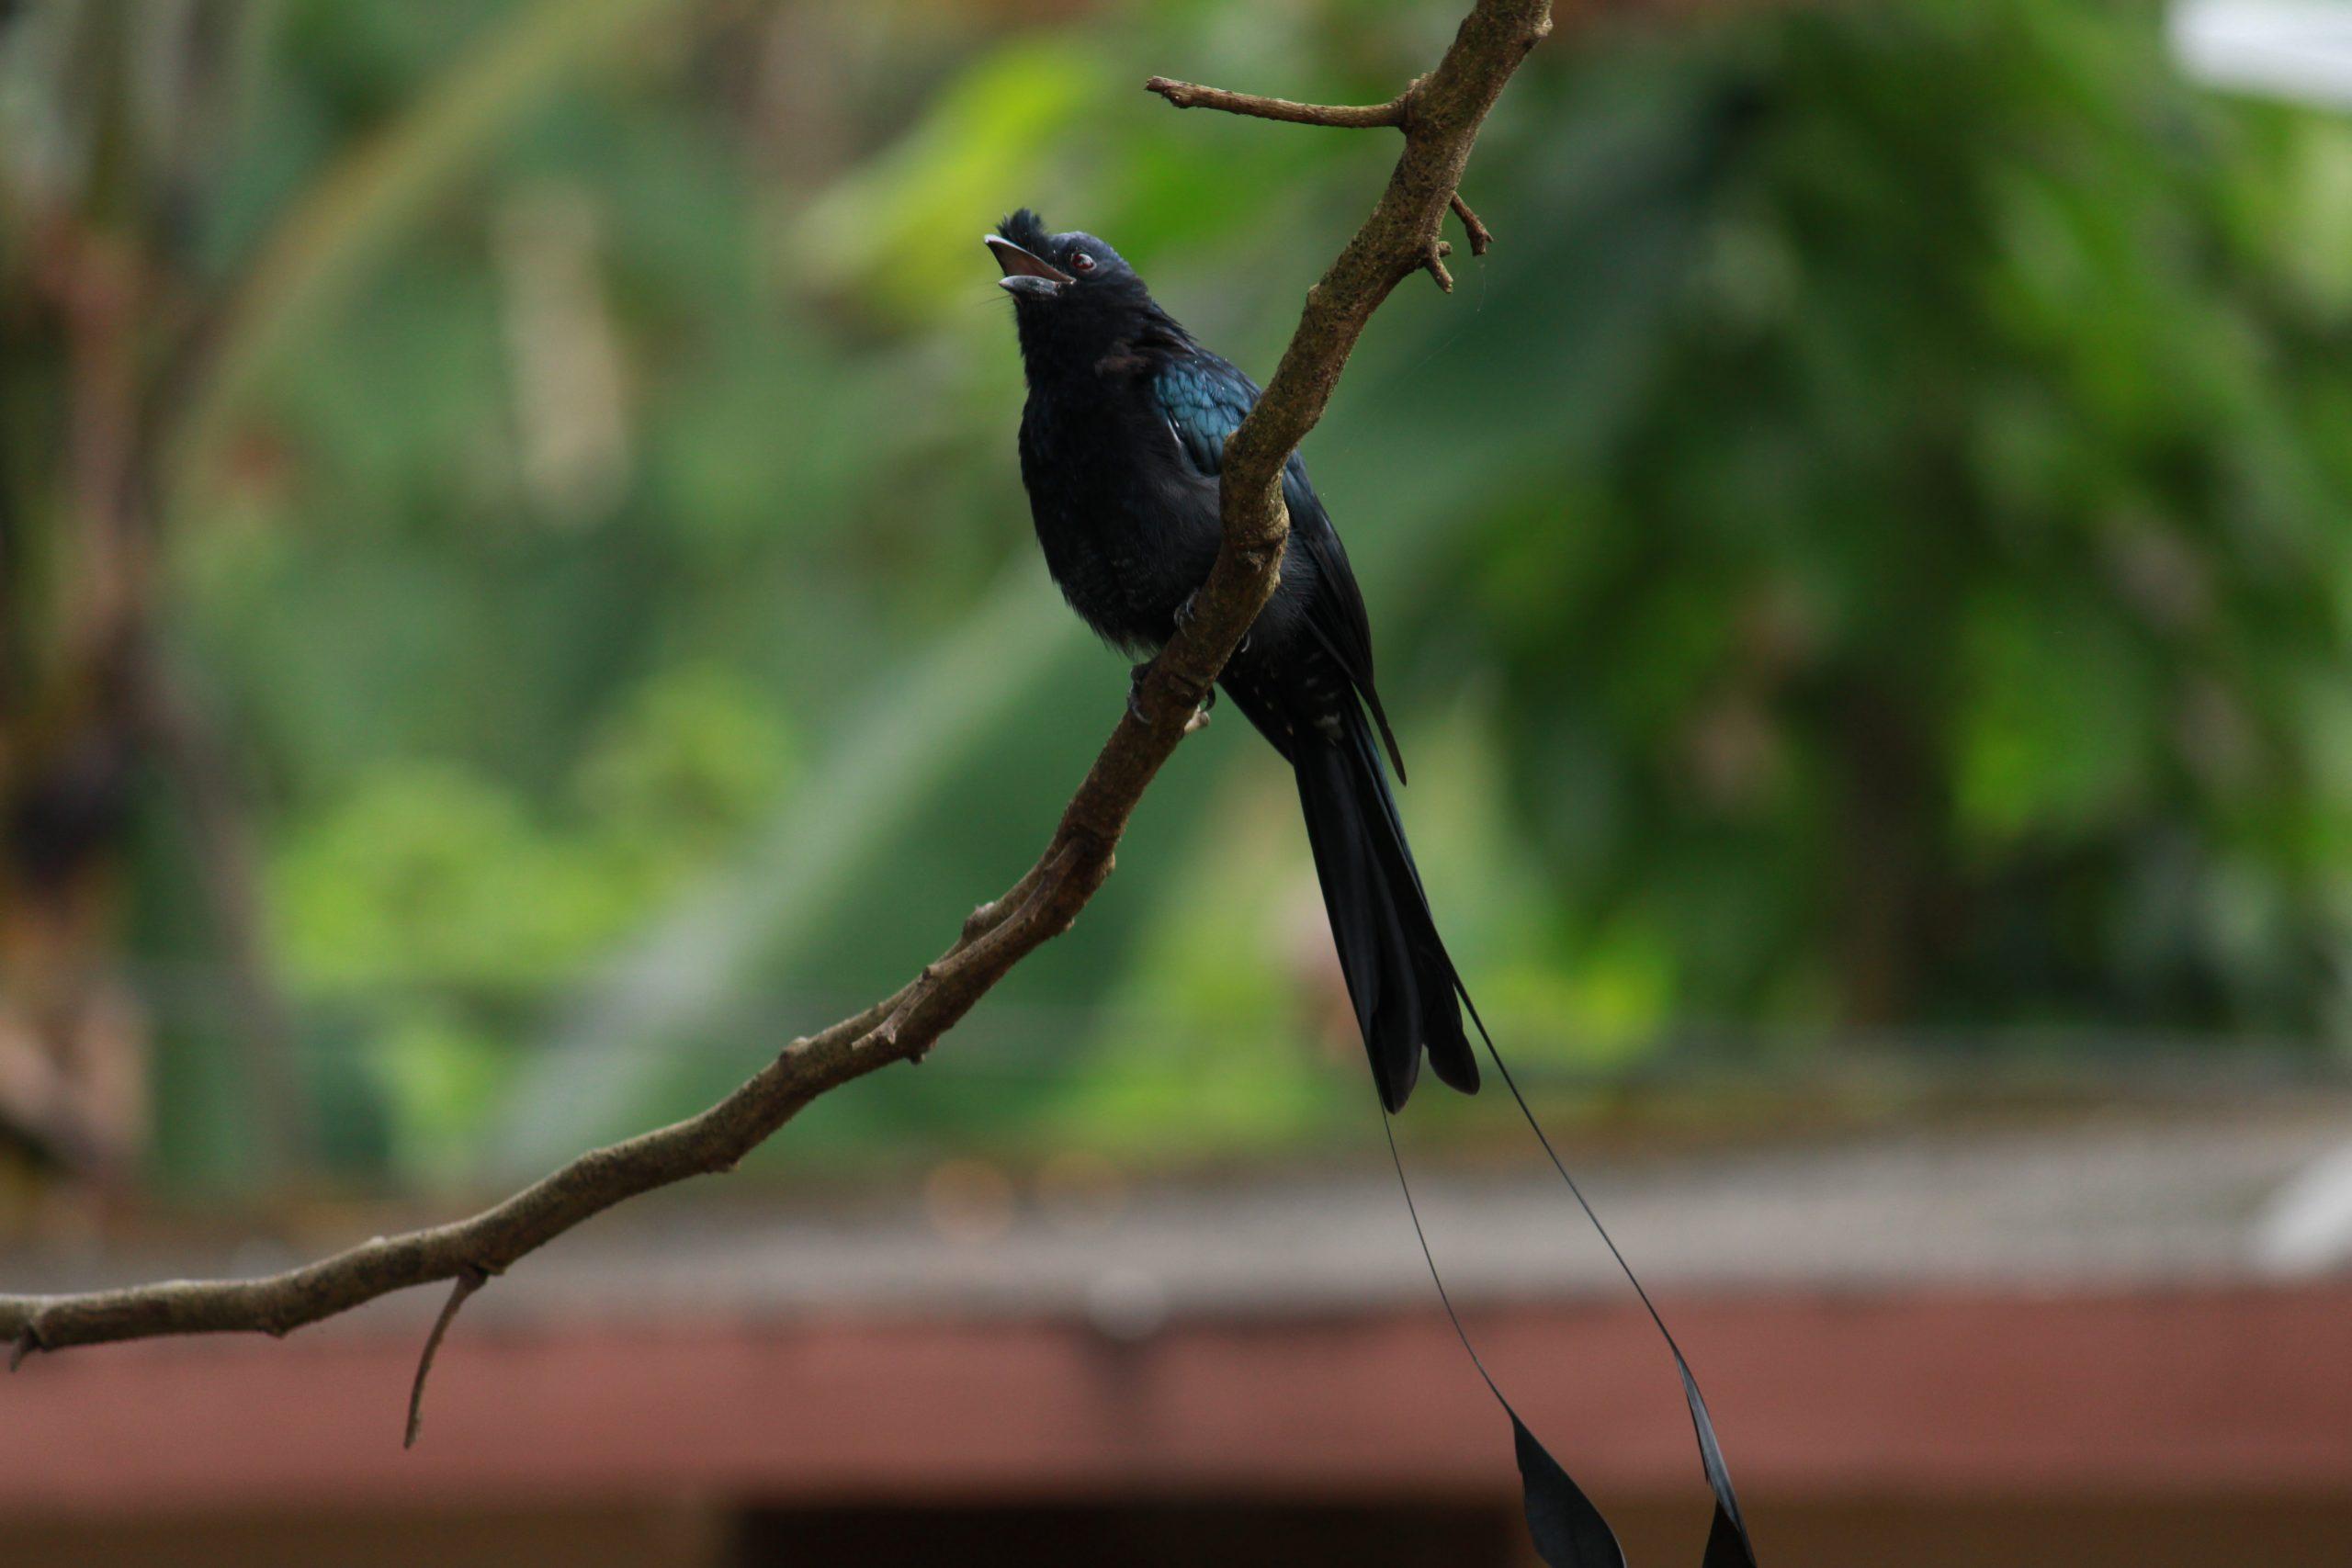 Bird Sitting on tree